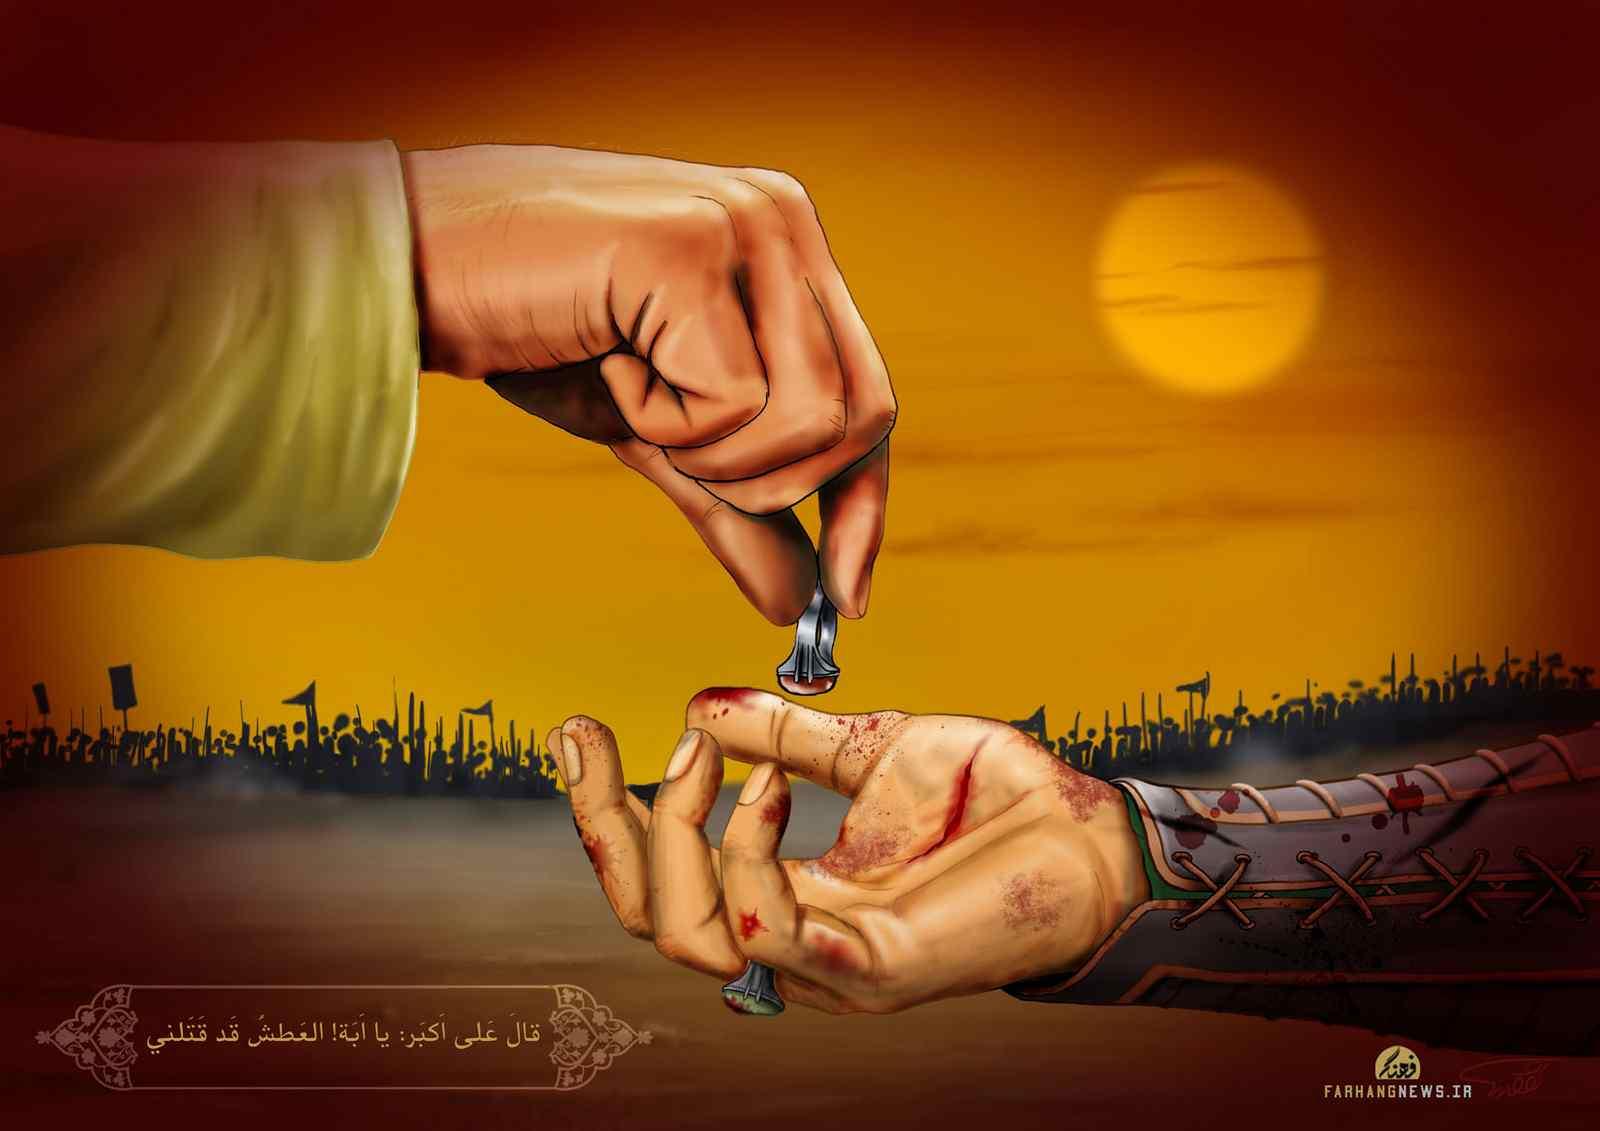 تصاویر ویژه شهادت امام علی به همراه دانلود مجموعه